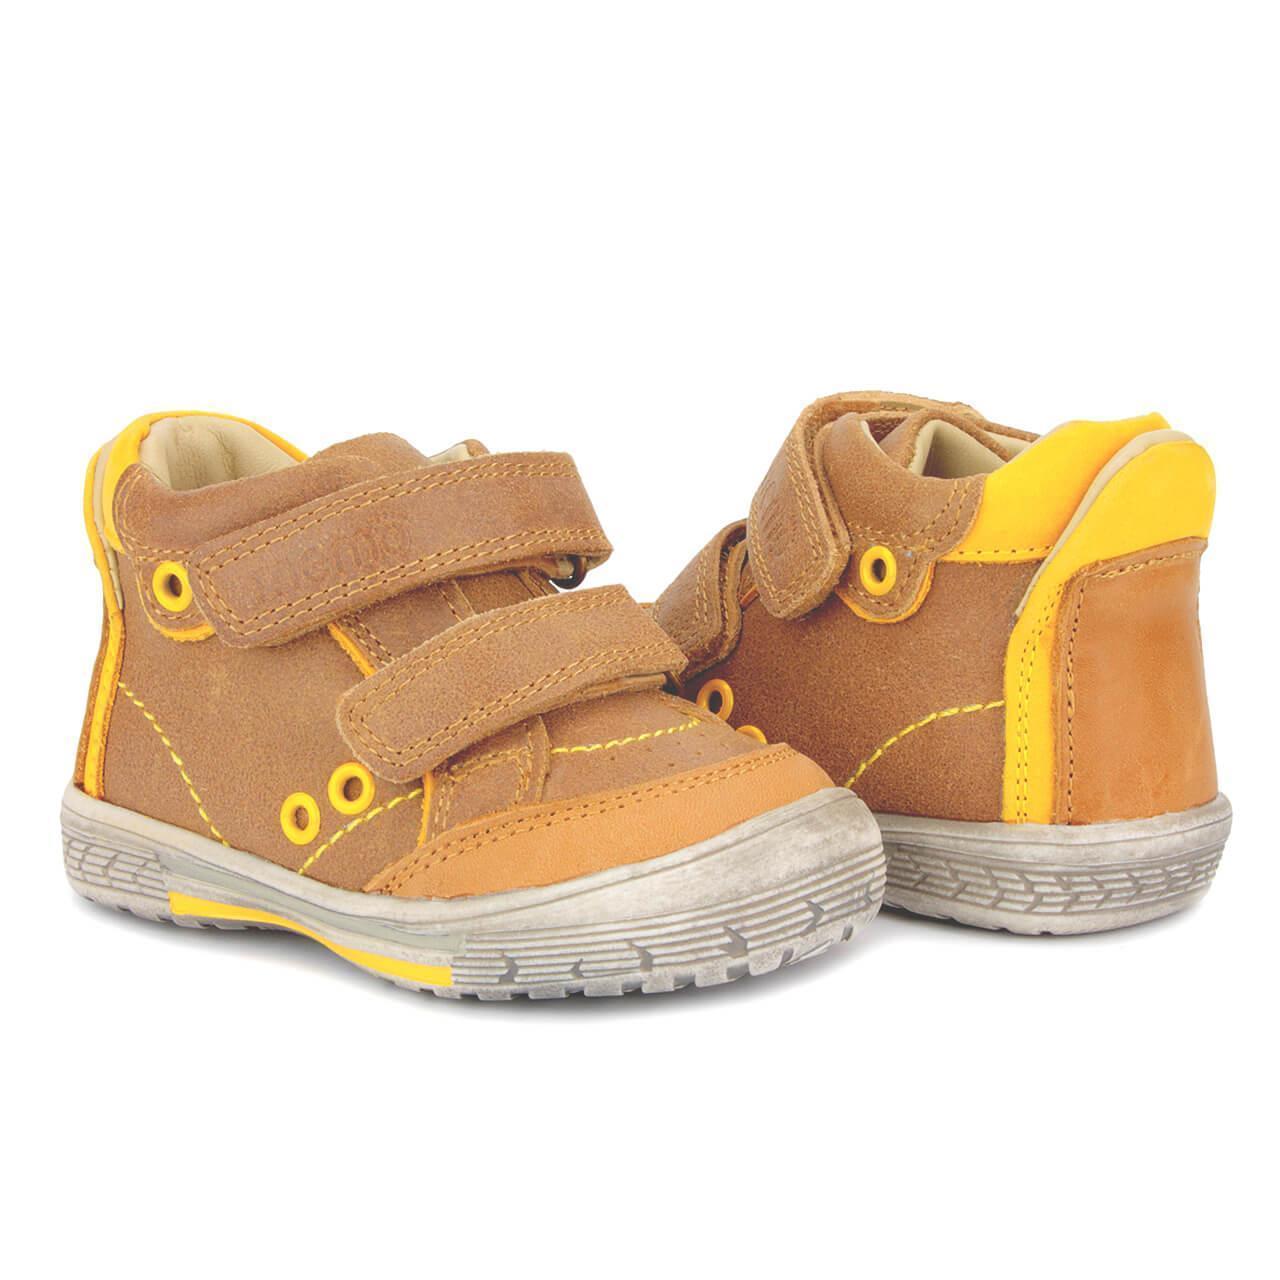 46292f4c5 Детские ортопедические ботинки Memo Nodi 1BE Коричневые - Medort -  Ортопедическая продукция, товары для здоровья